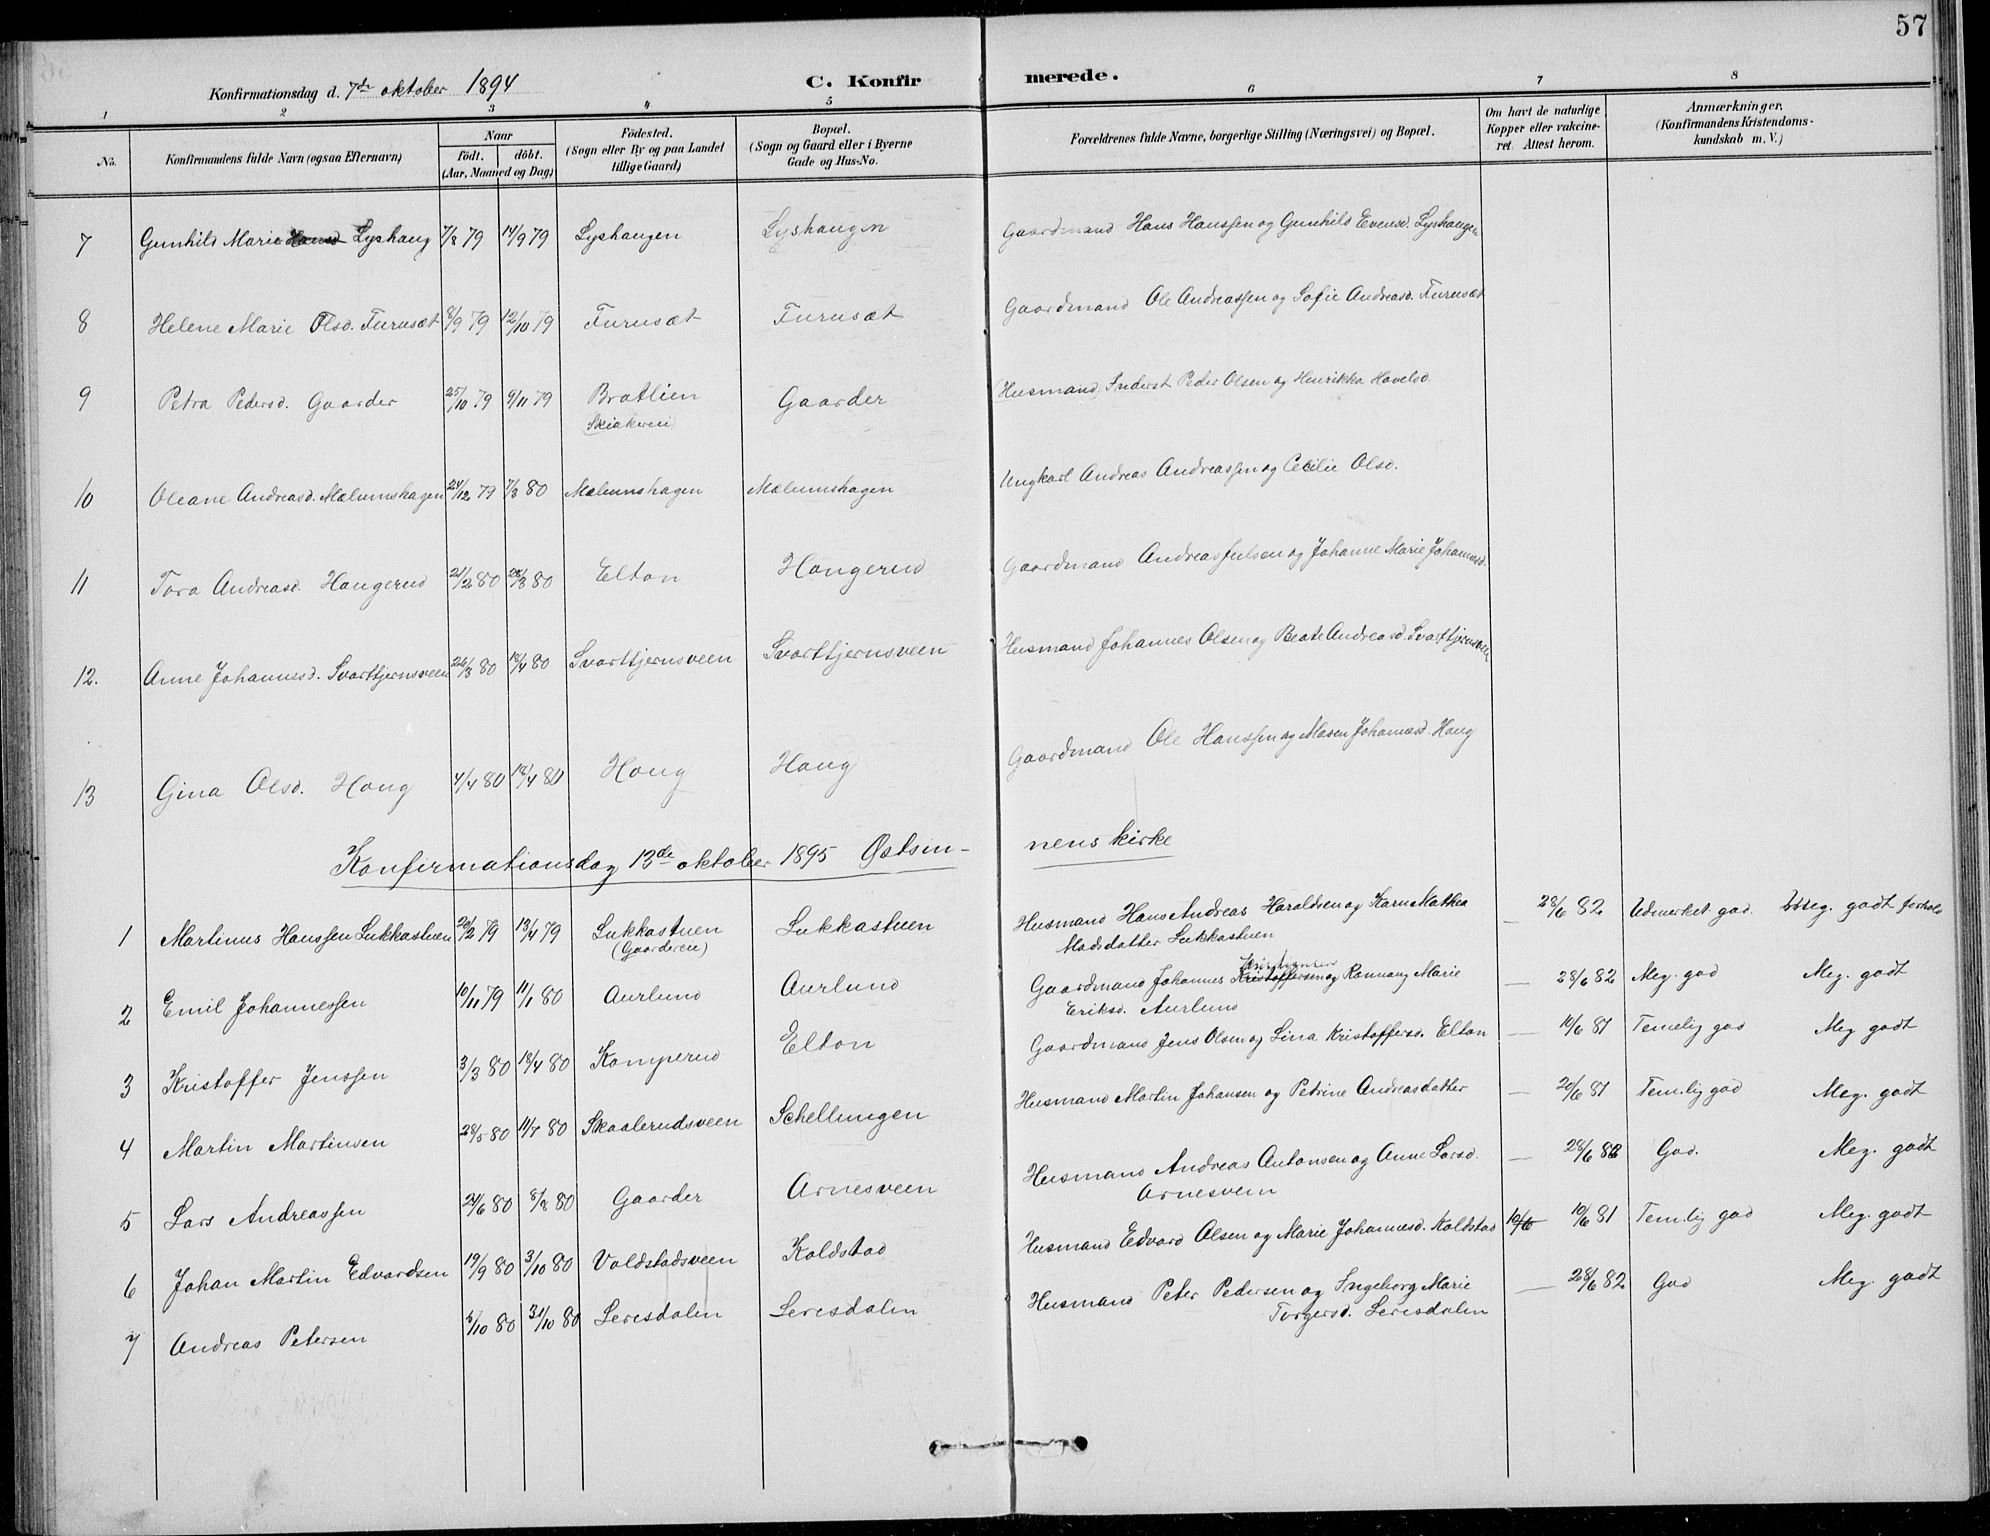 SAH, Nordre Land prestekontor, Klokkerbok nr. 14, 1891-1907, s. 57